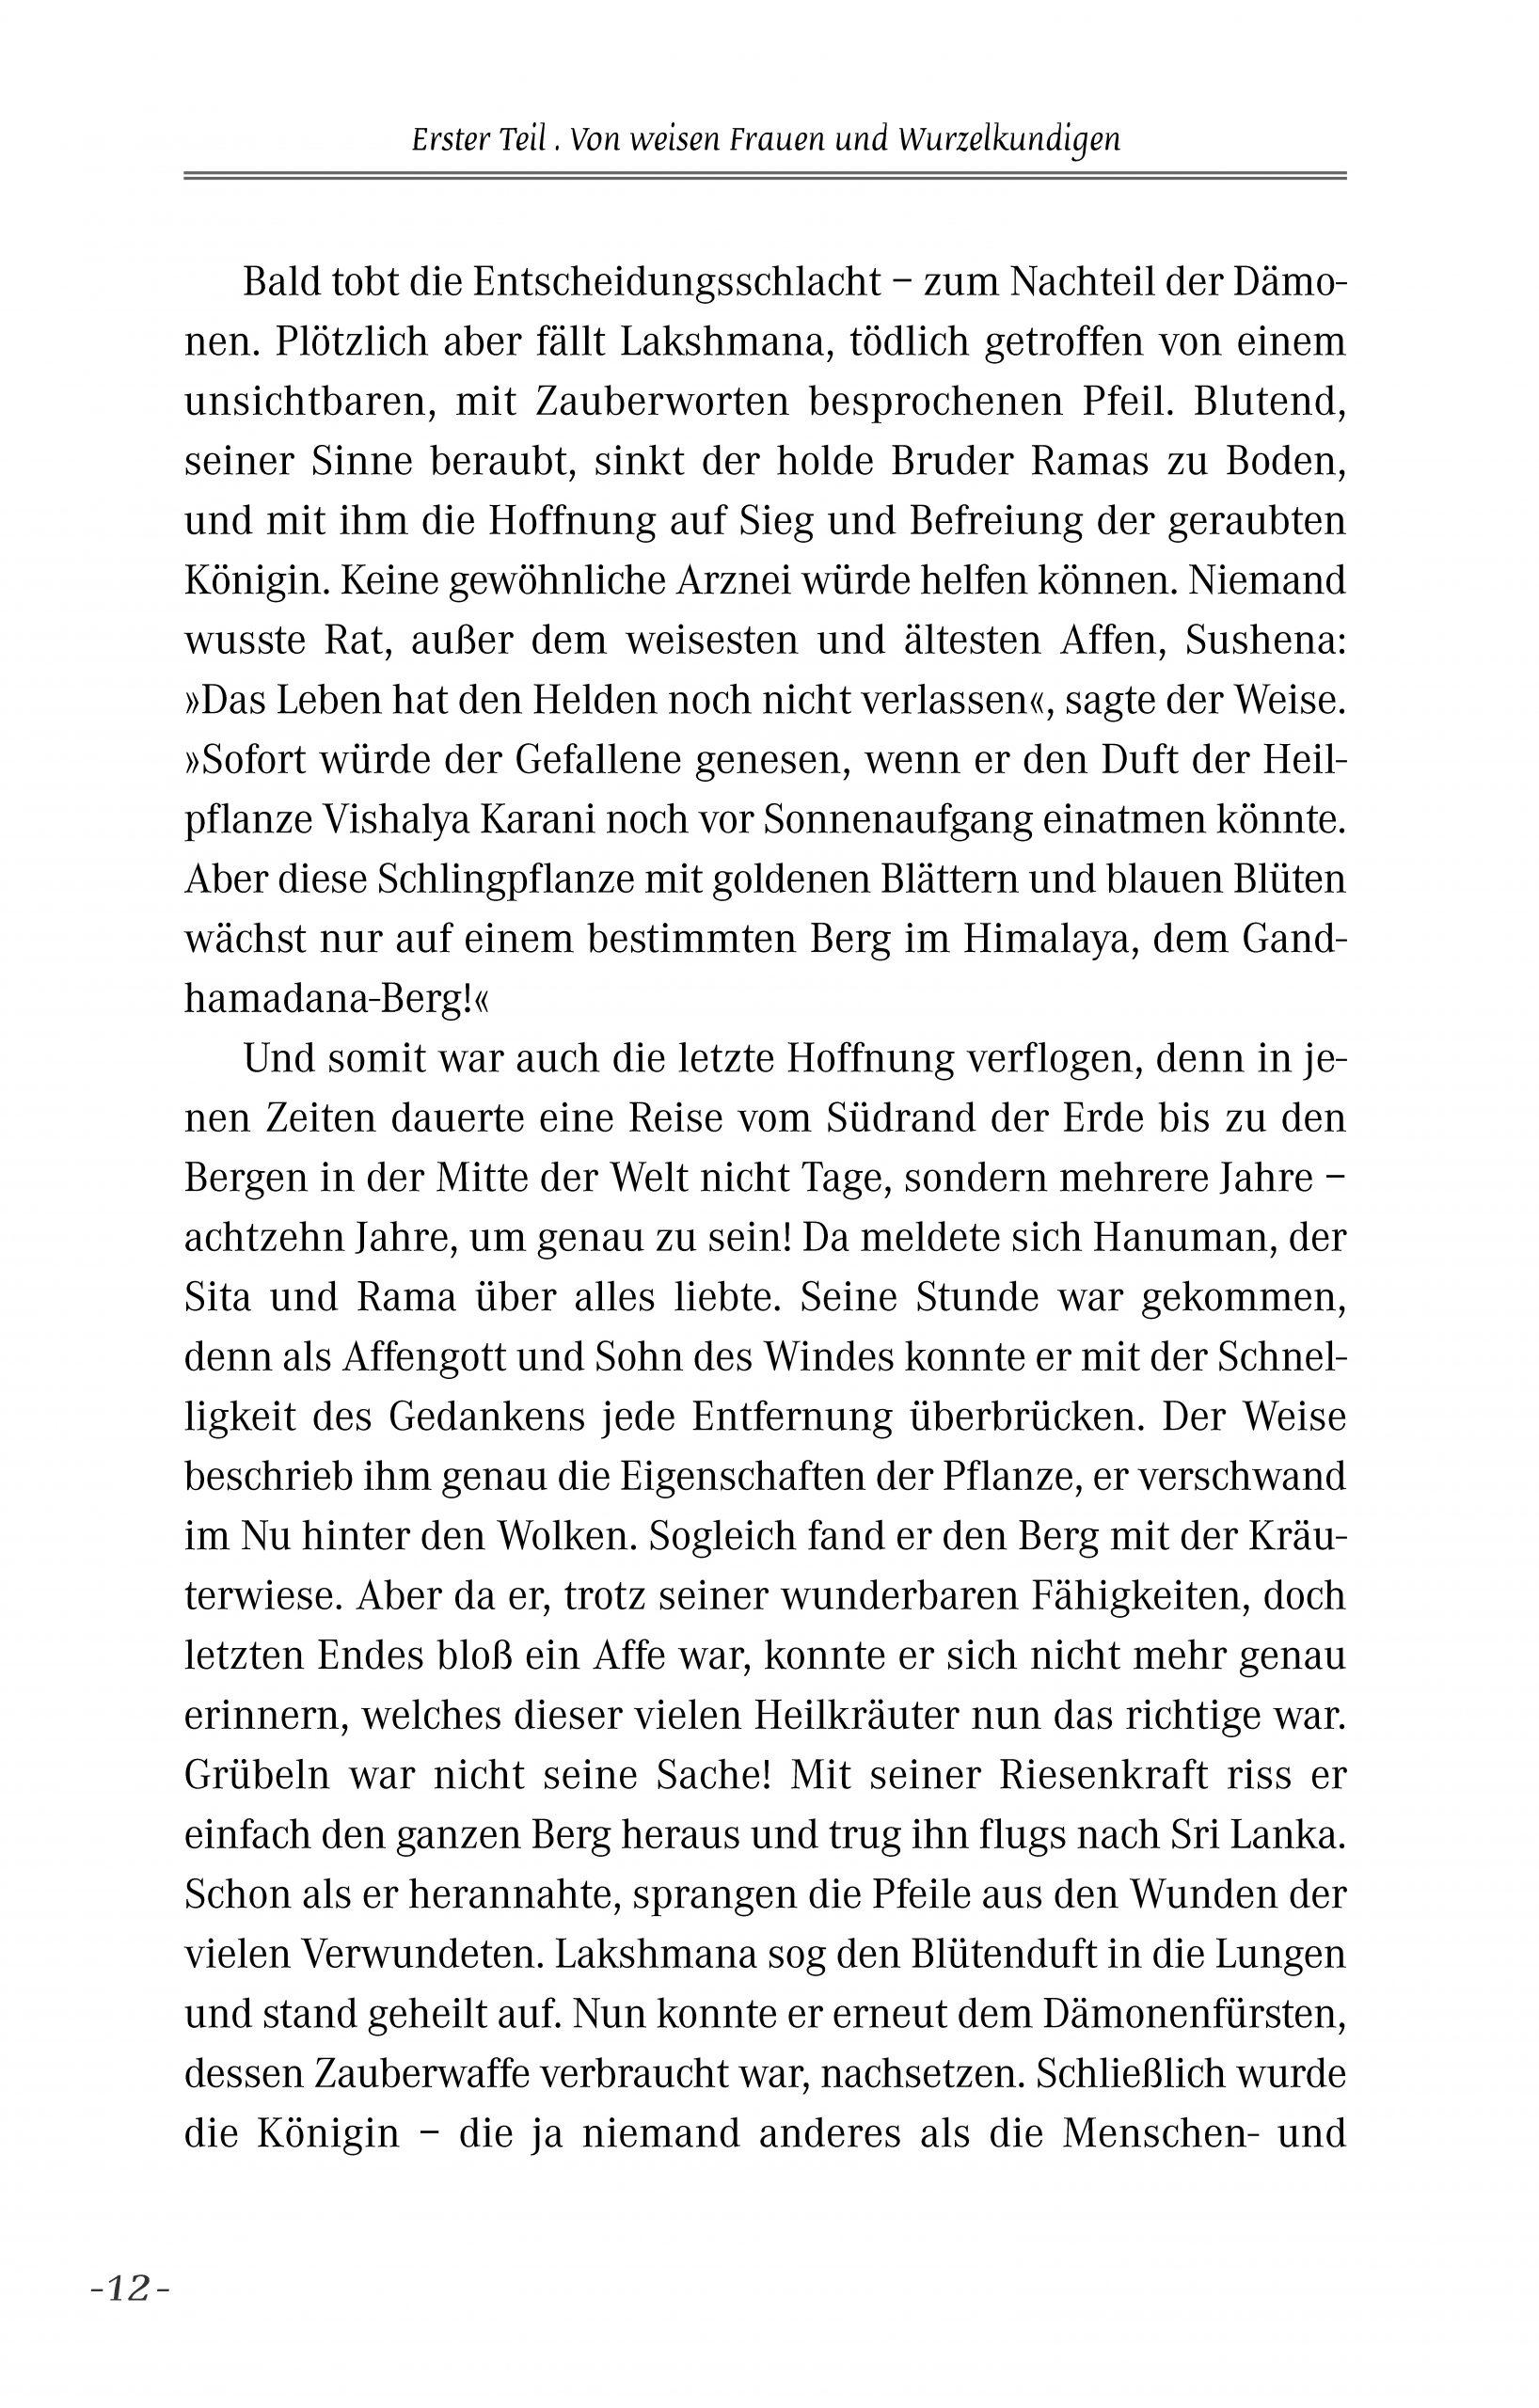 Leseprobe Von Heilkräutern und Pflanzengottheiten_Seite_09